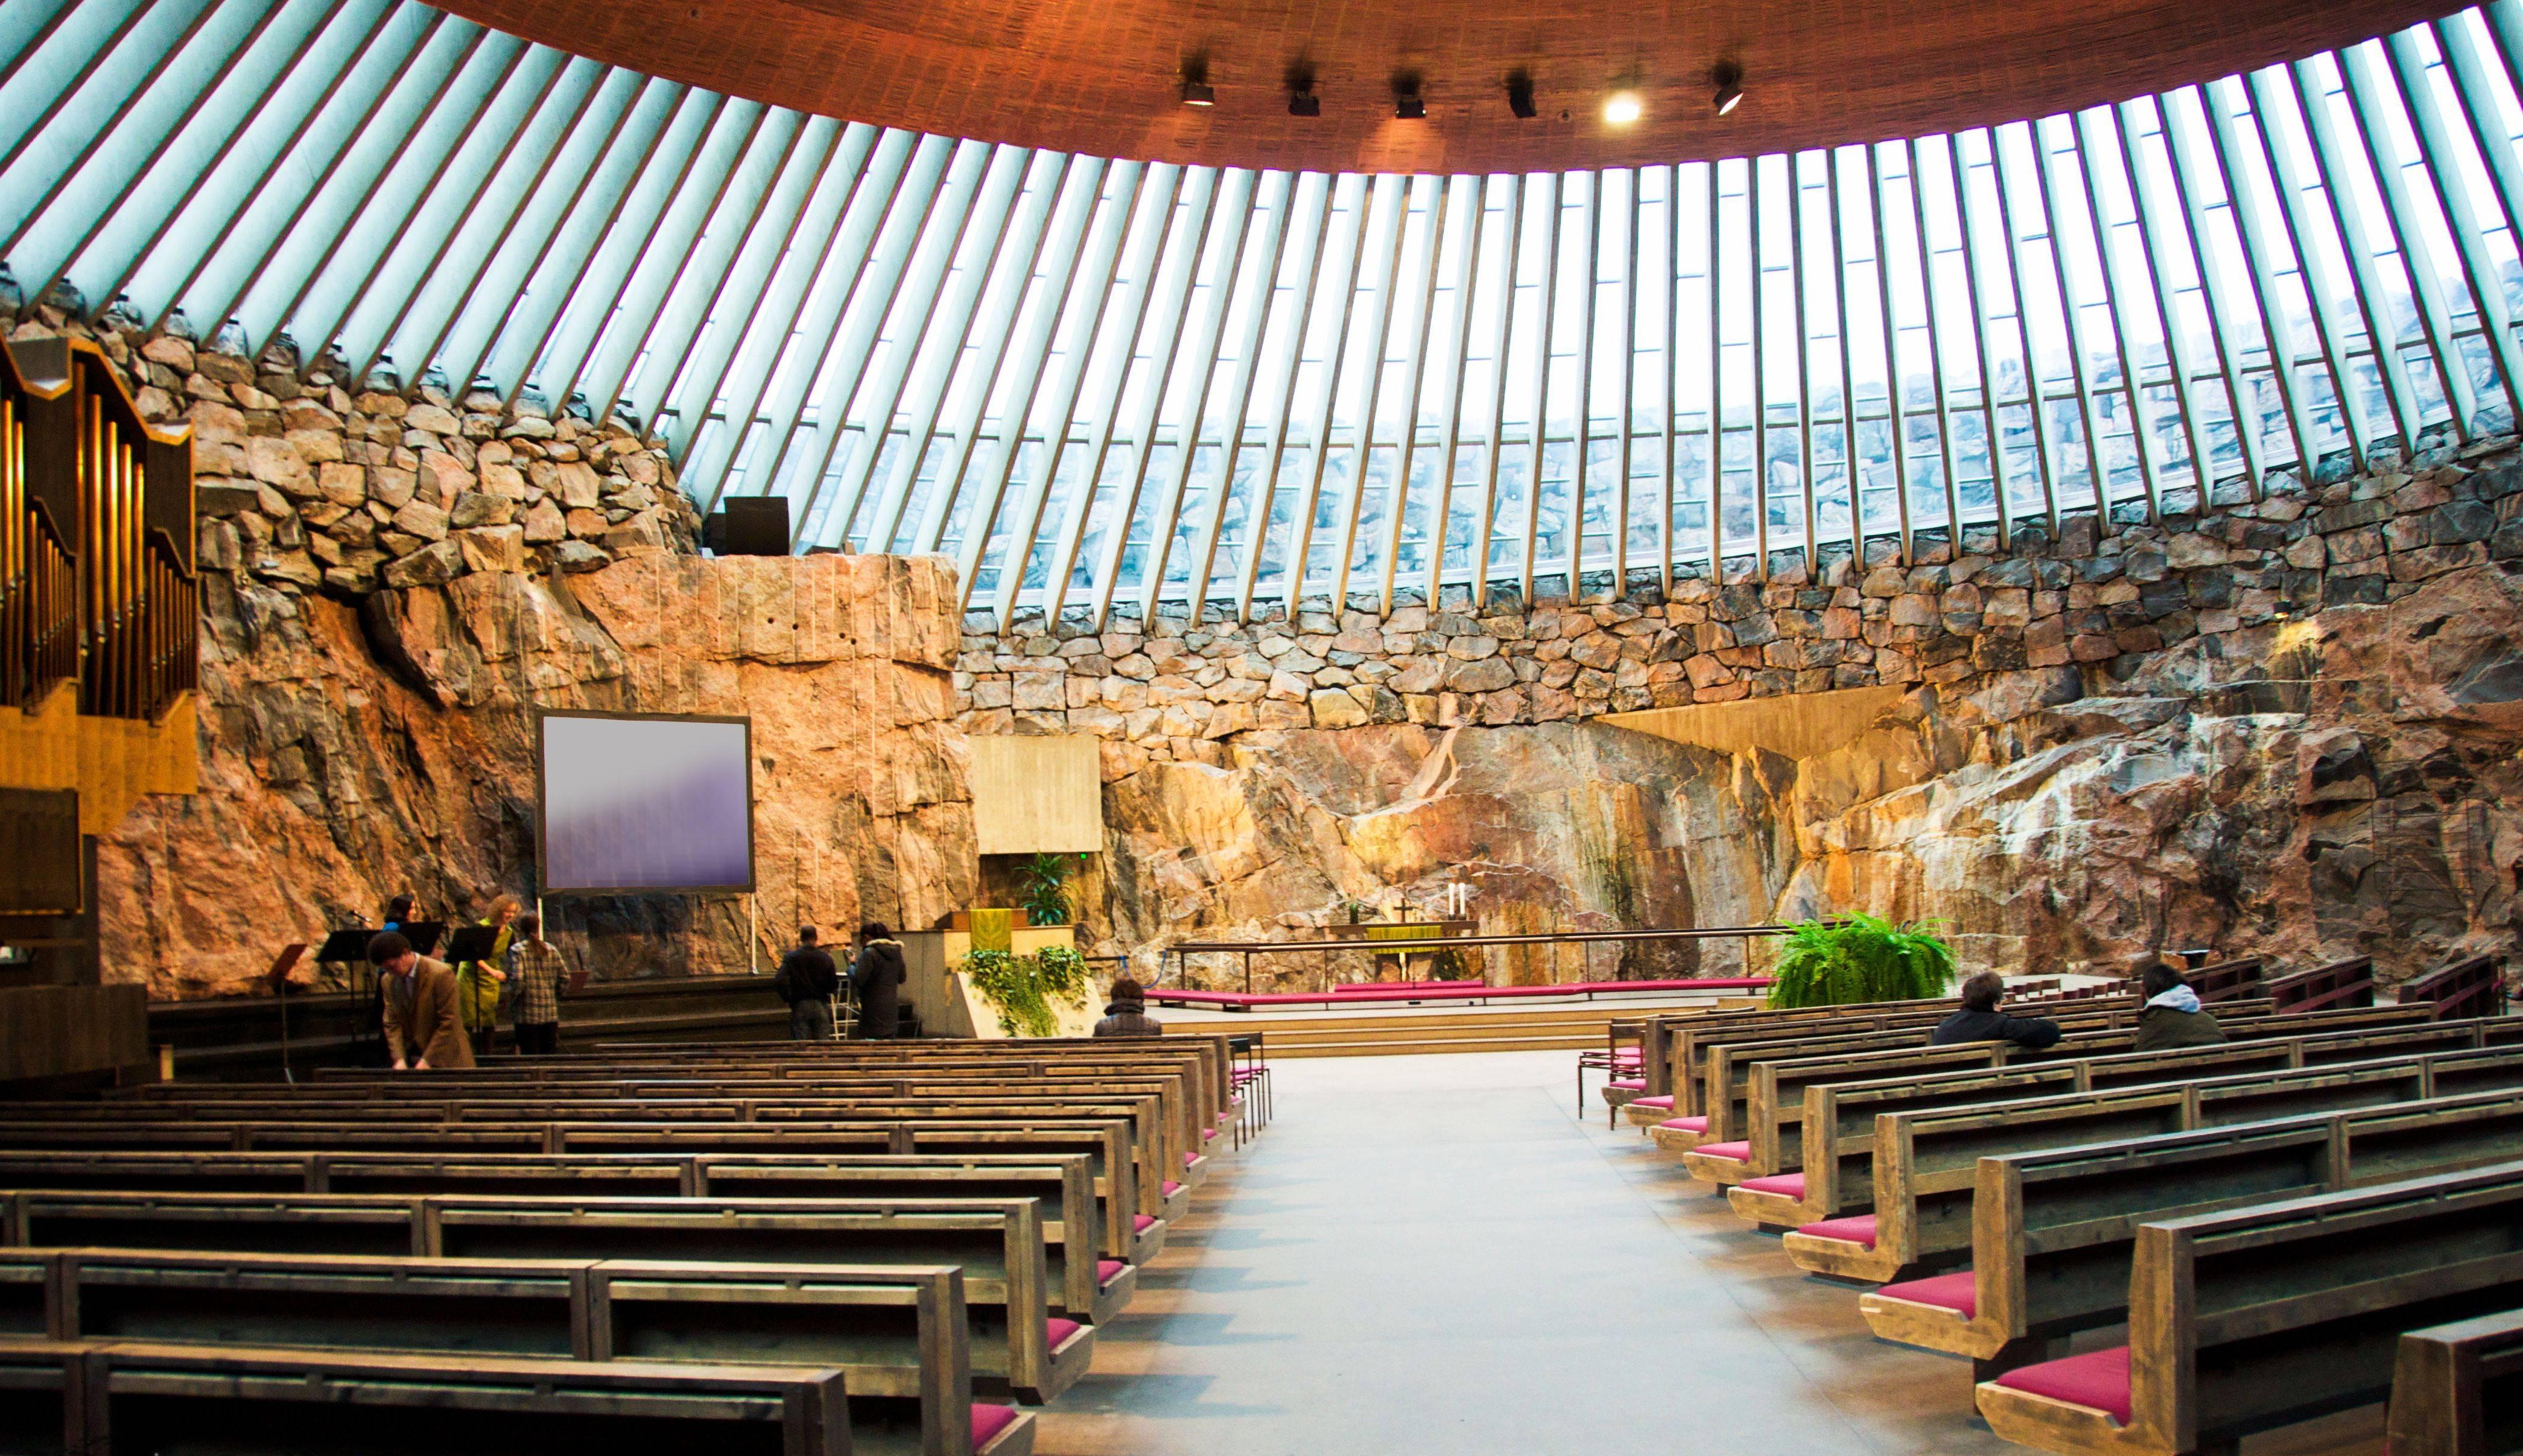 Церковь в скале— уникальный храм хельсинки и самая необычная церковь европы